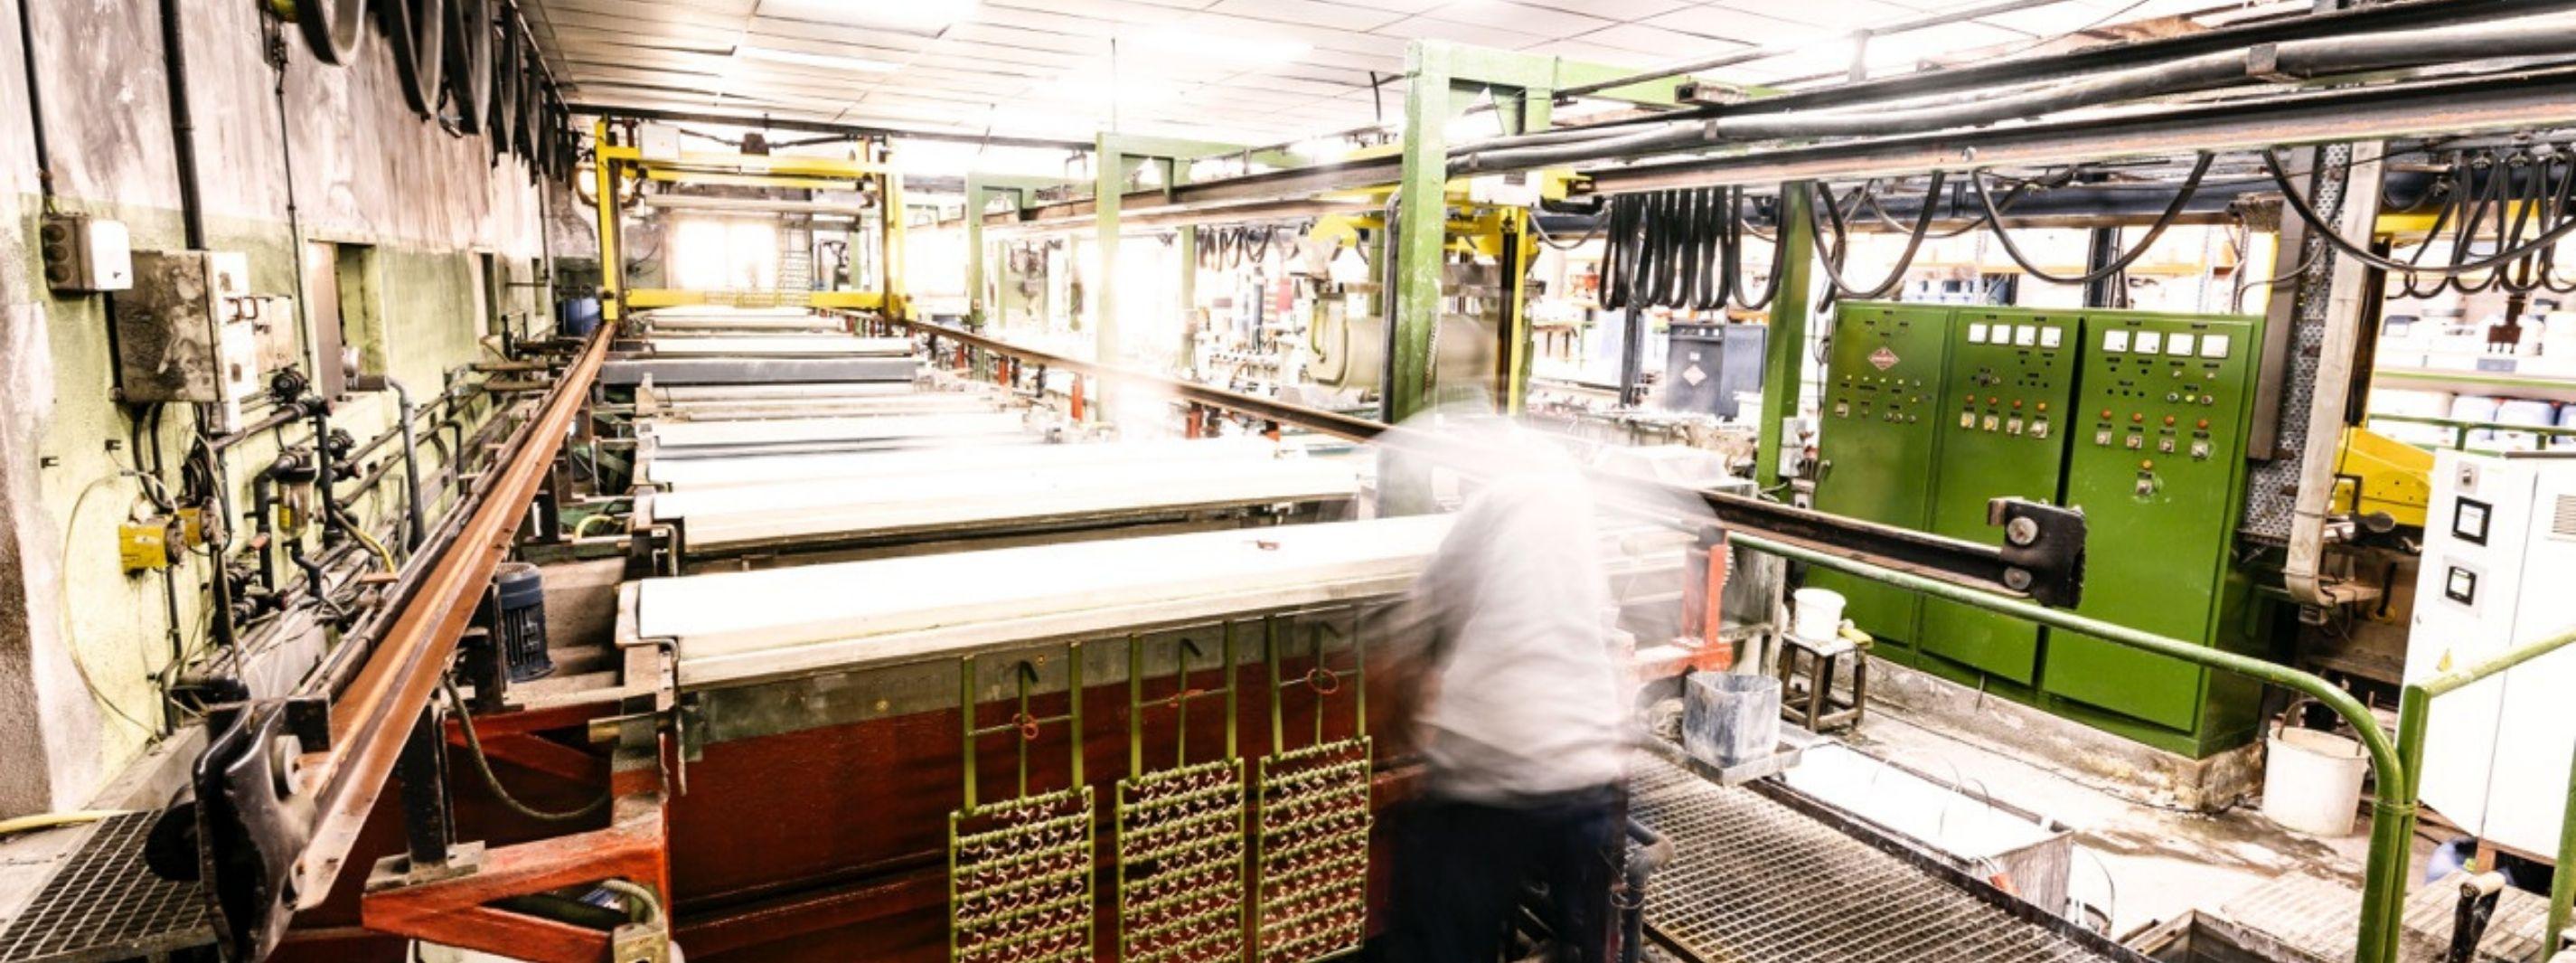 travailleurs dans un atelier de fabrication de fermoirs espagnol